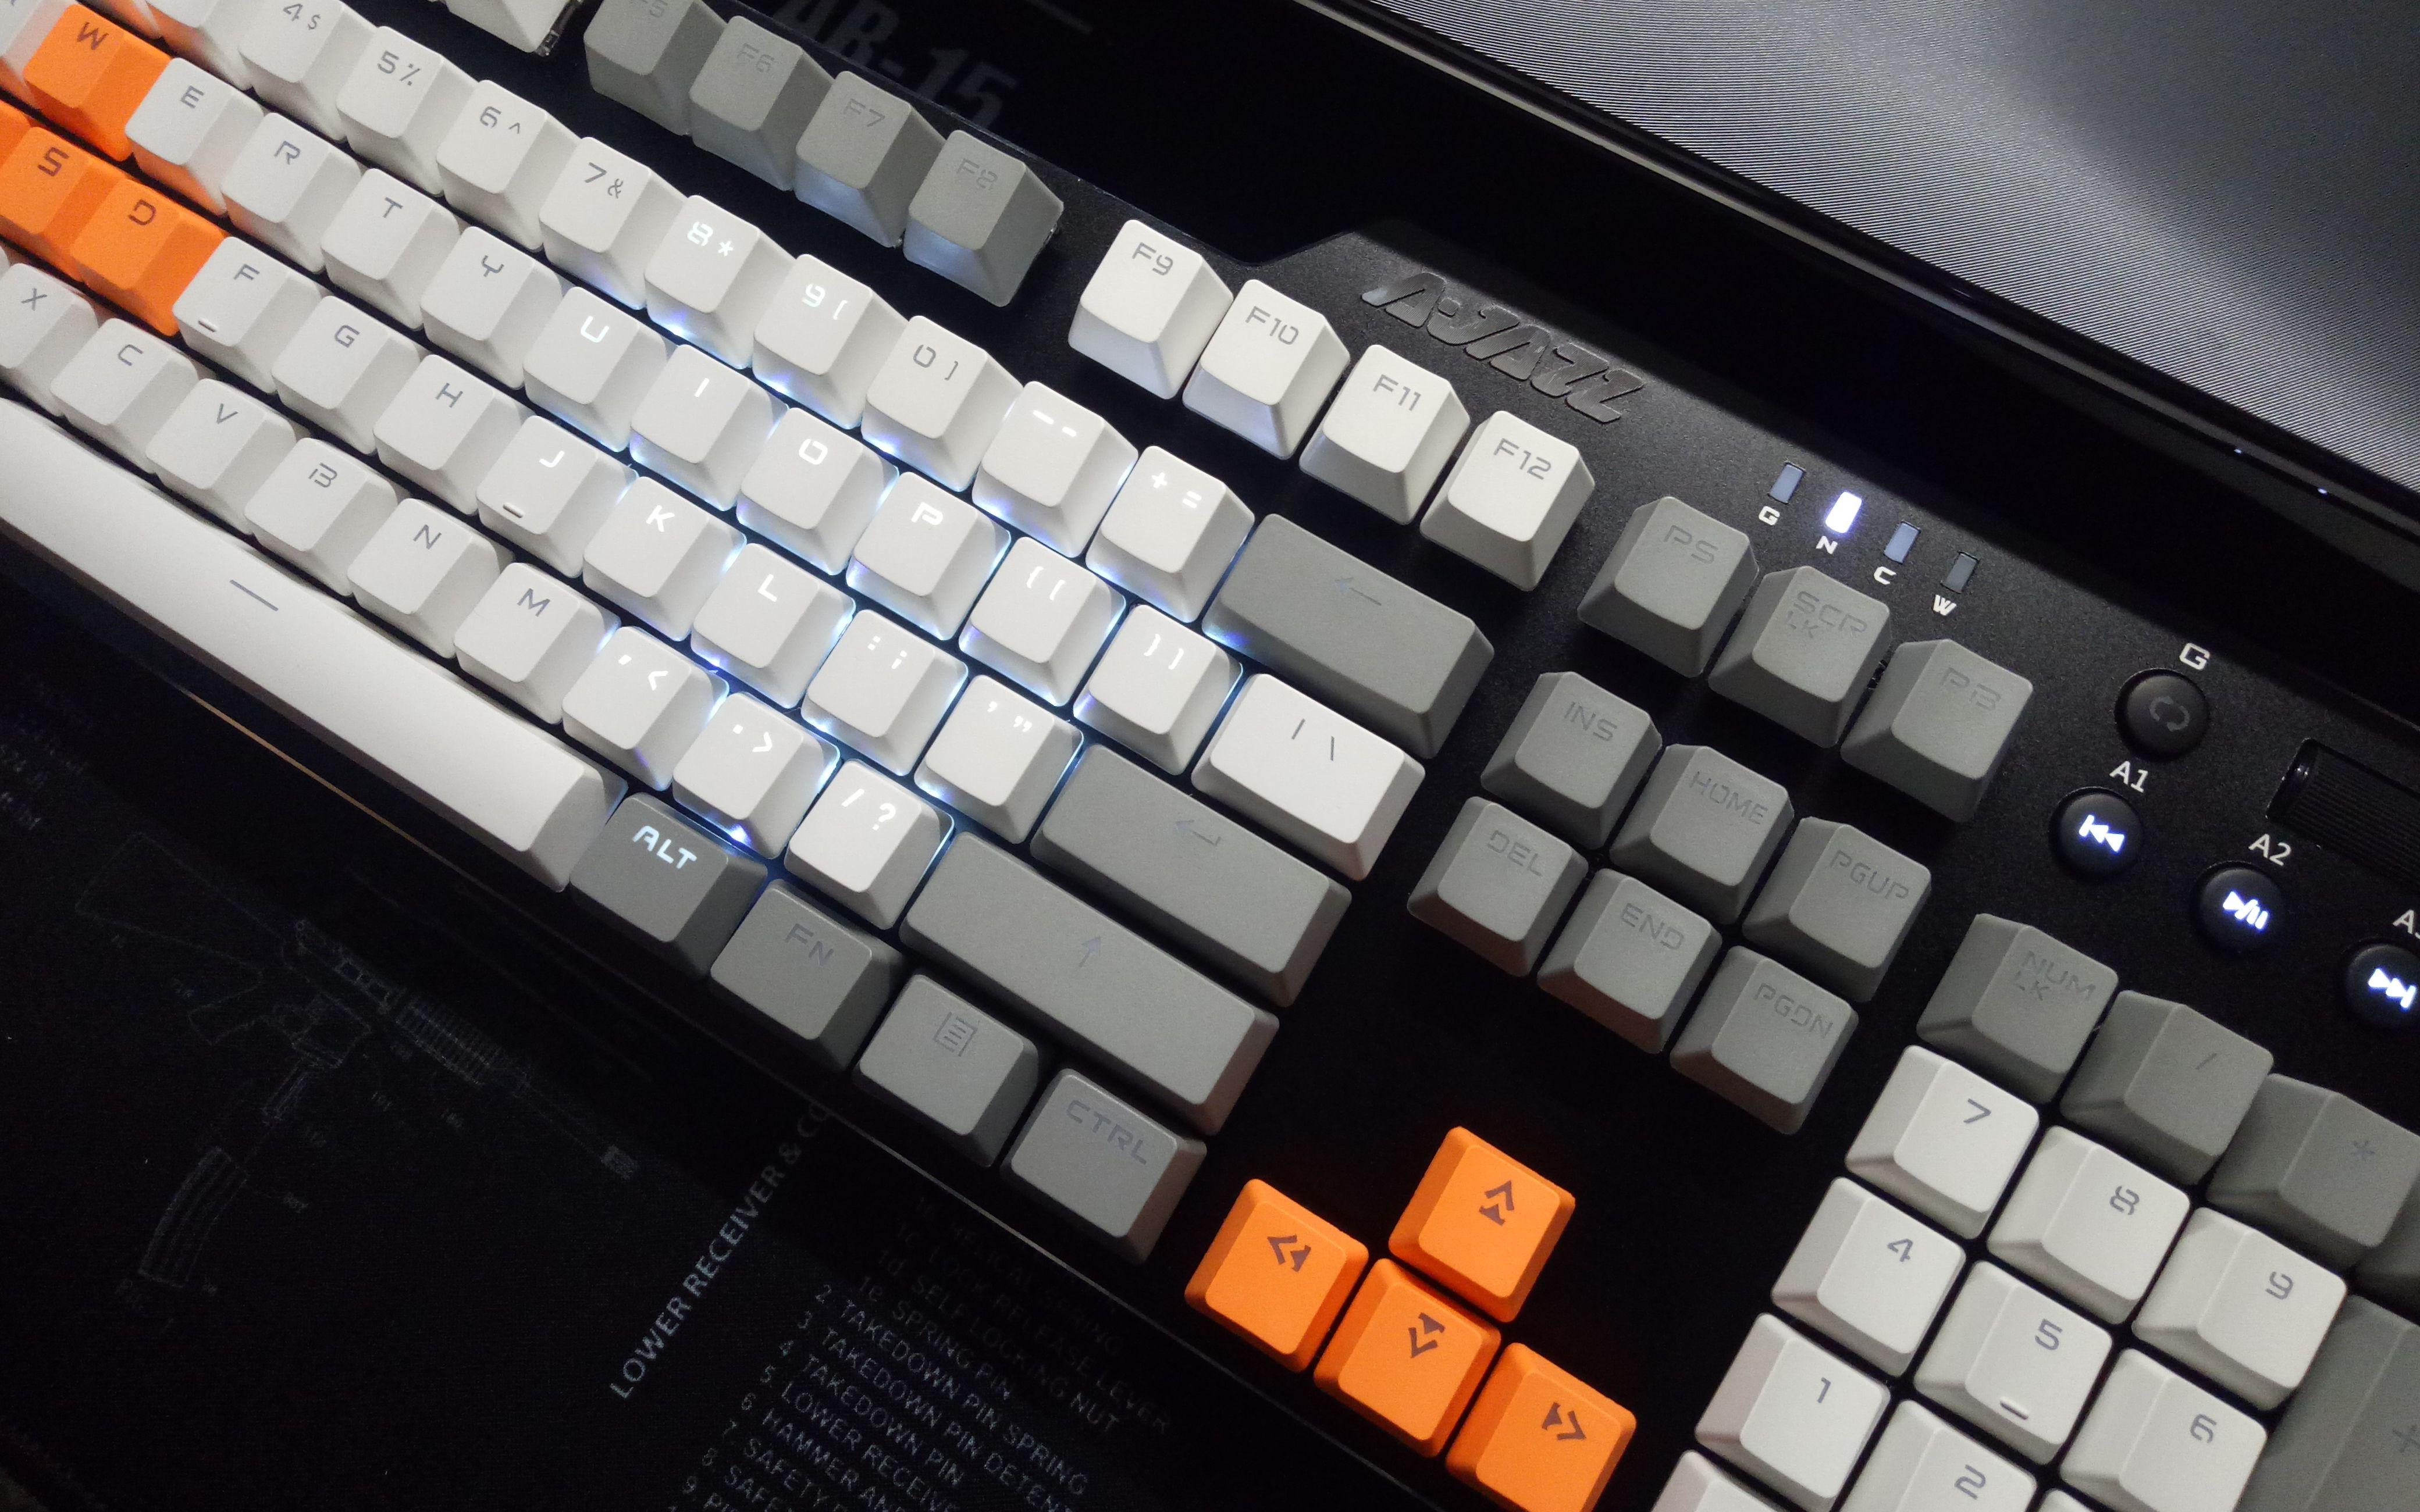 黑轴机械键盘声音_黑爵刺客Ⅱ(ak35i)开箱,第一次换机械键盘,纯个人体验分享 ...